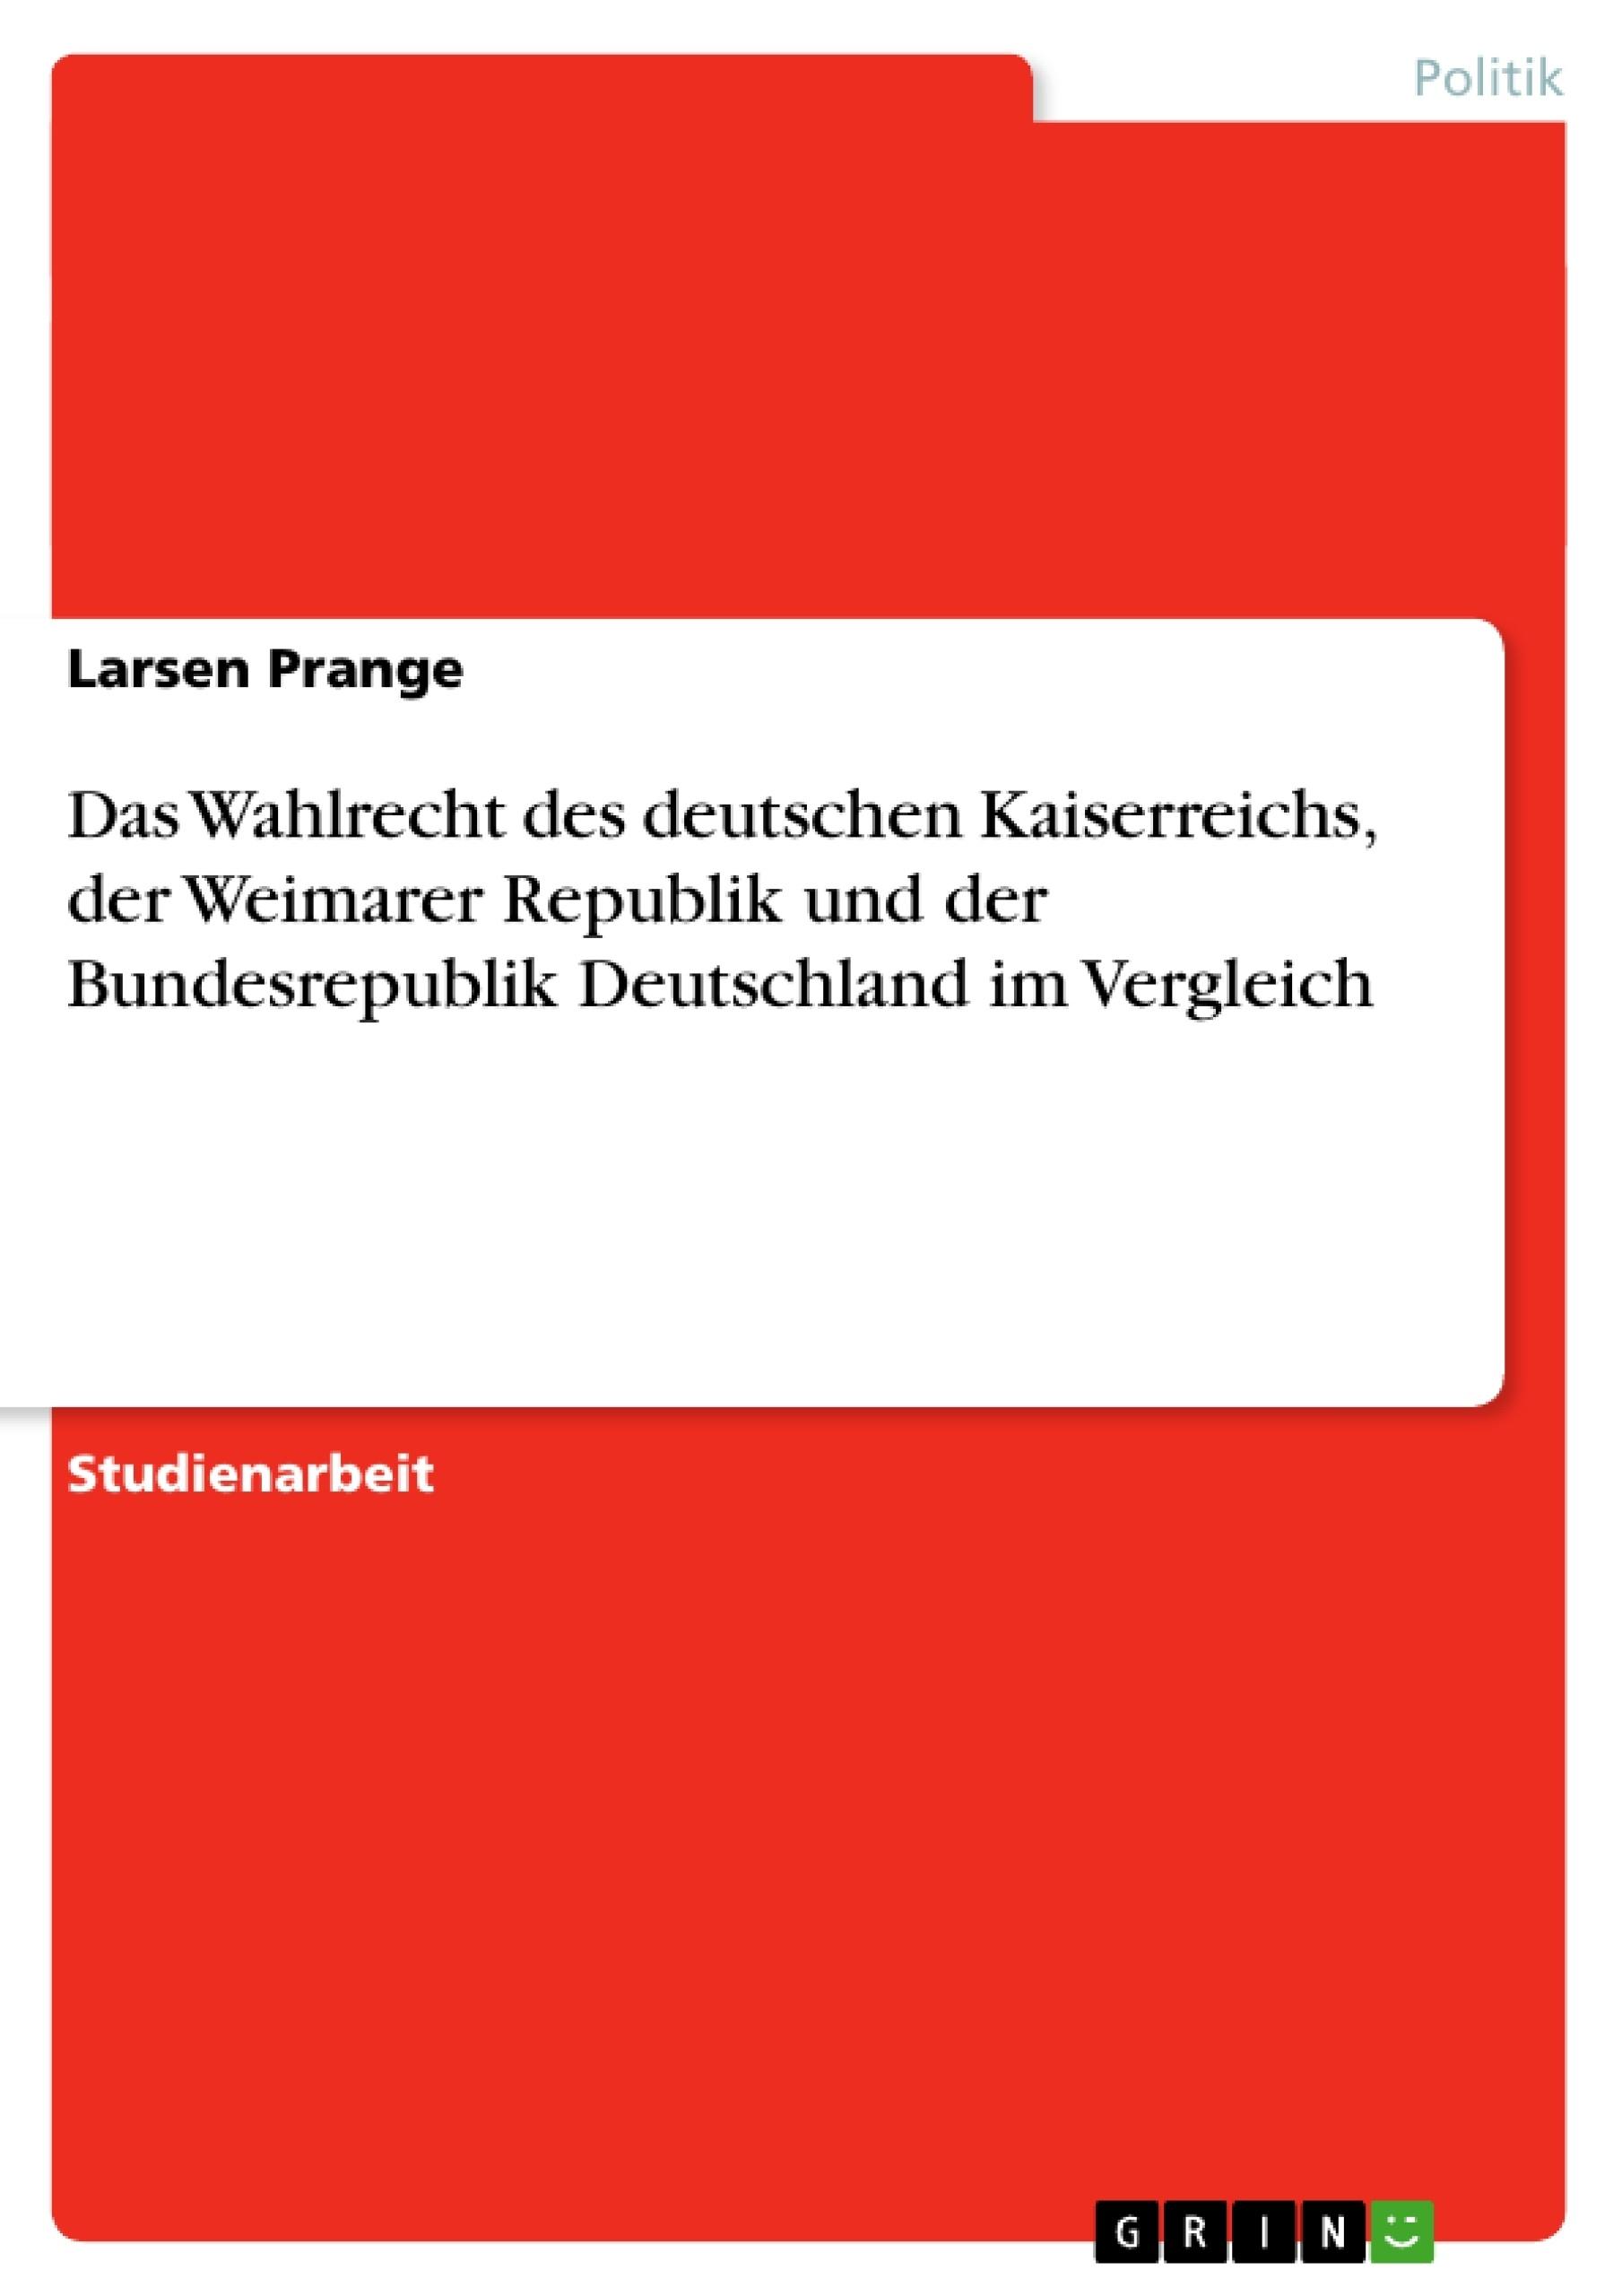 Titel: Das Wahlrecht des deutschen Kaiserreichs, der Weimarer Republik und der Bundesrepublik Deutschland im Vergleich